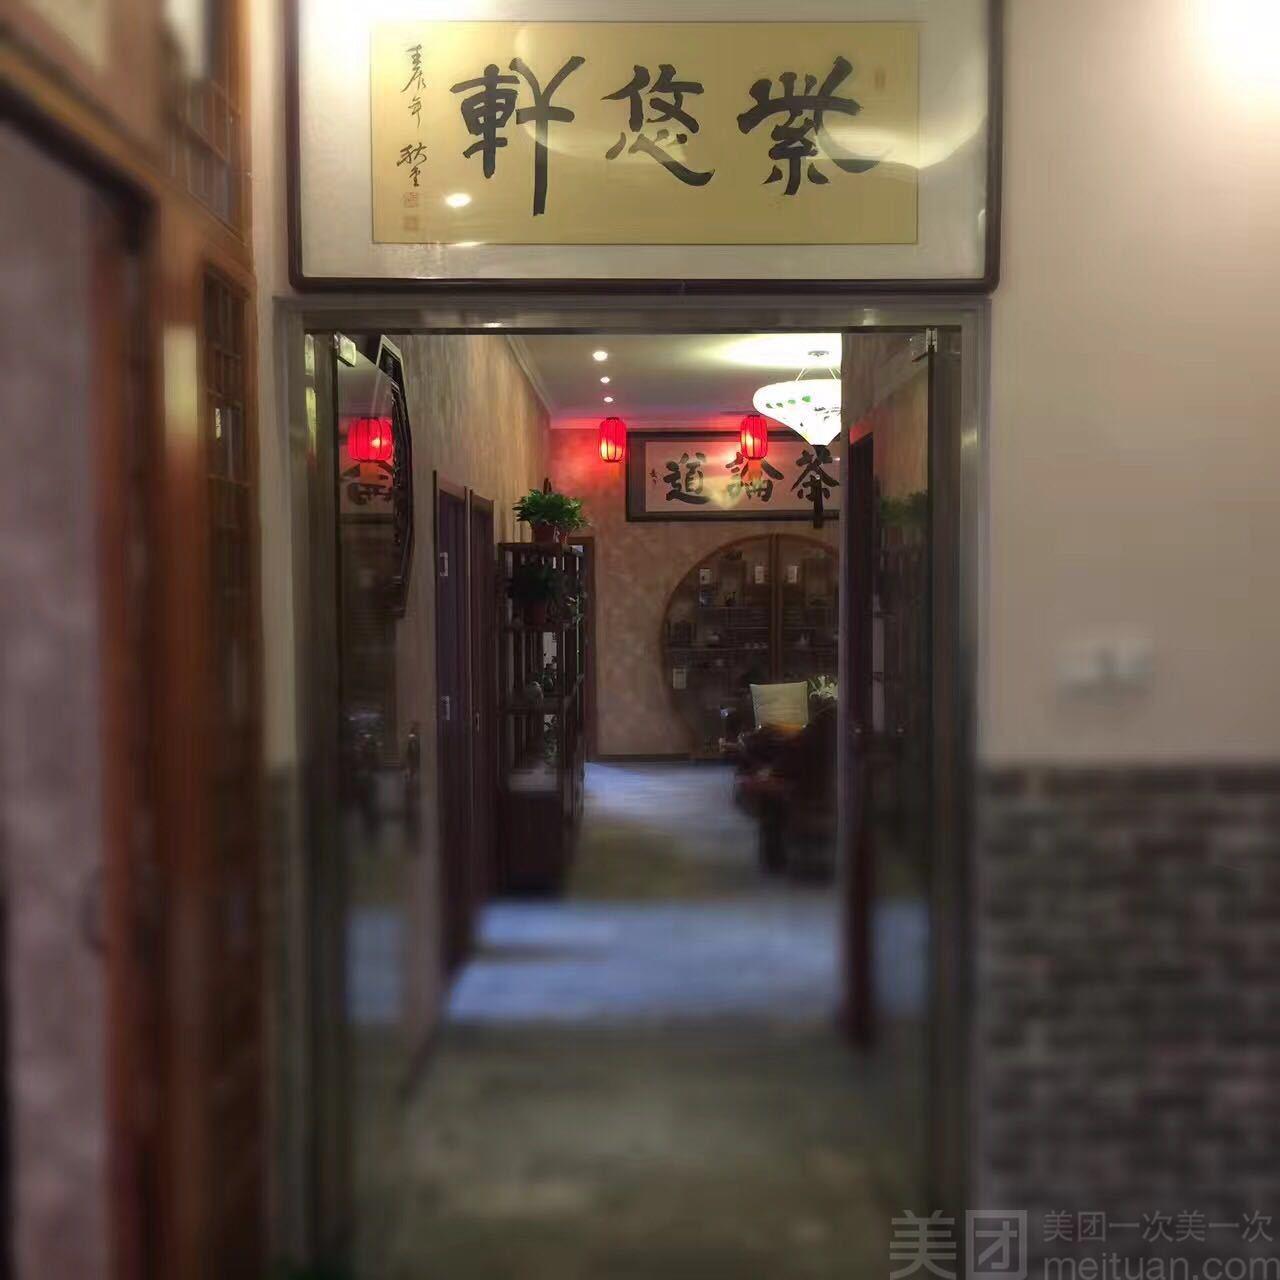 紫悠轩茶艺-美团